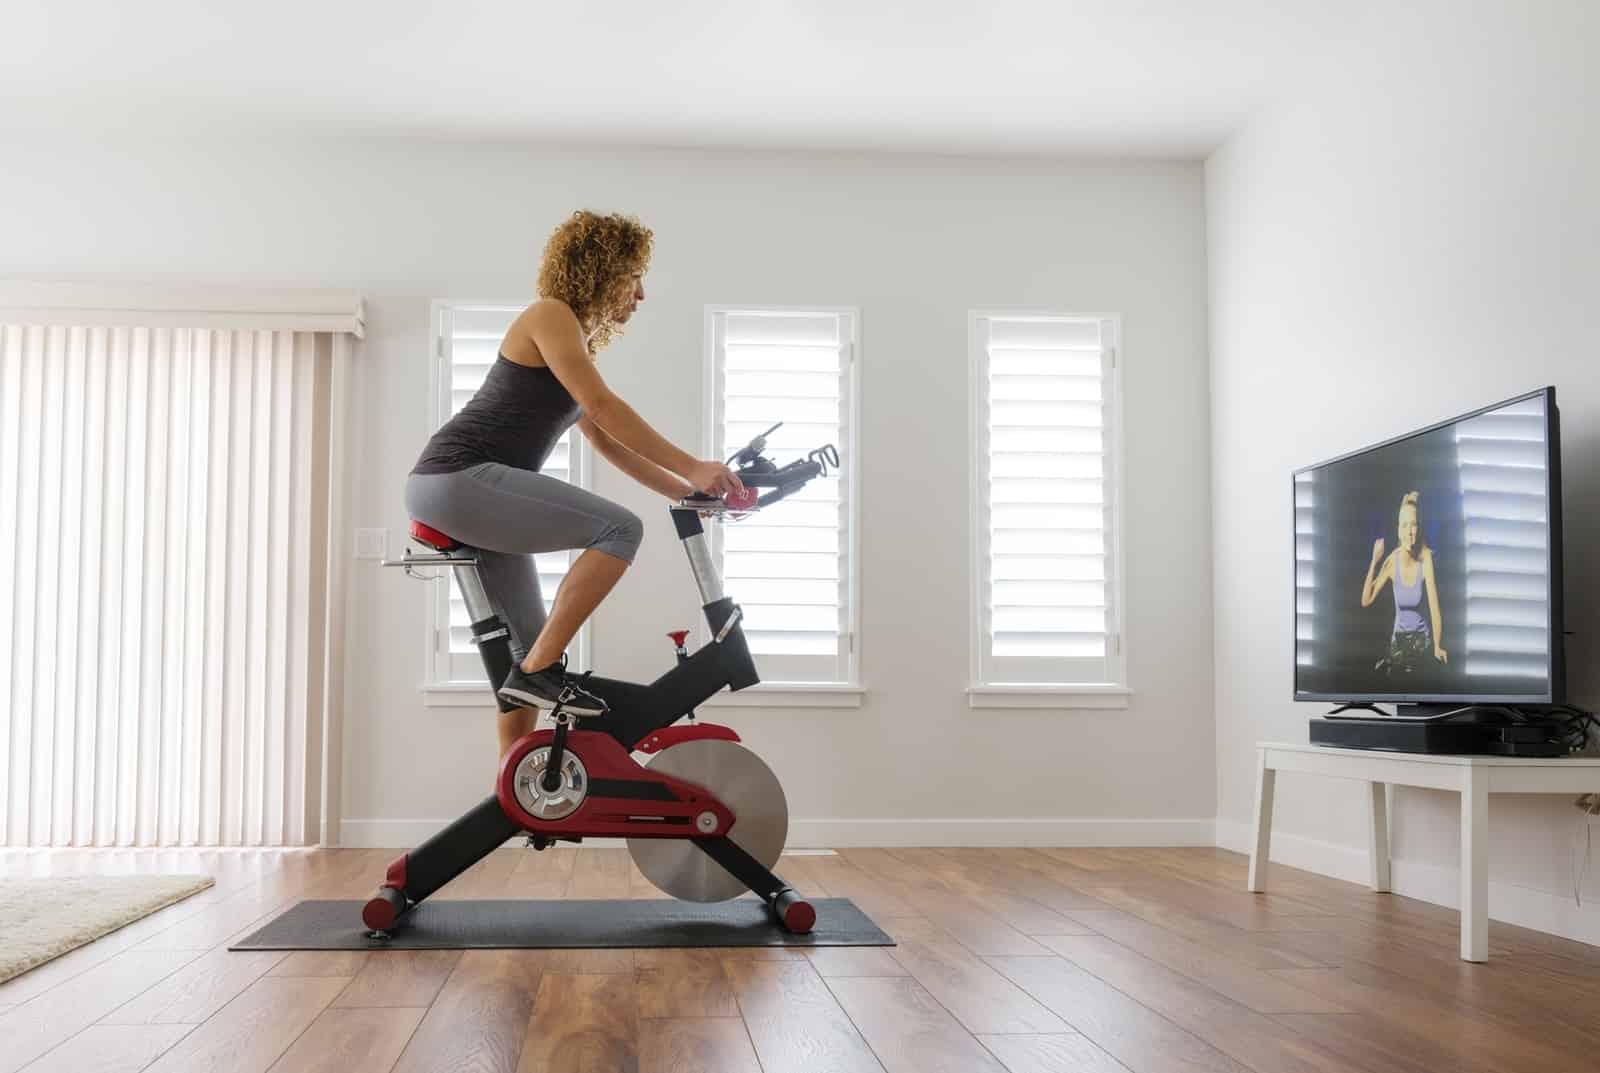 treino na casa com bicicleta ergométrica